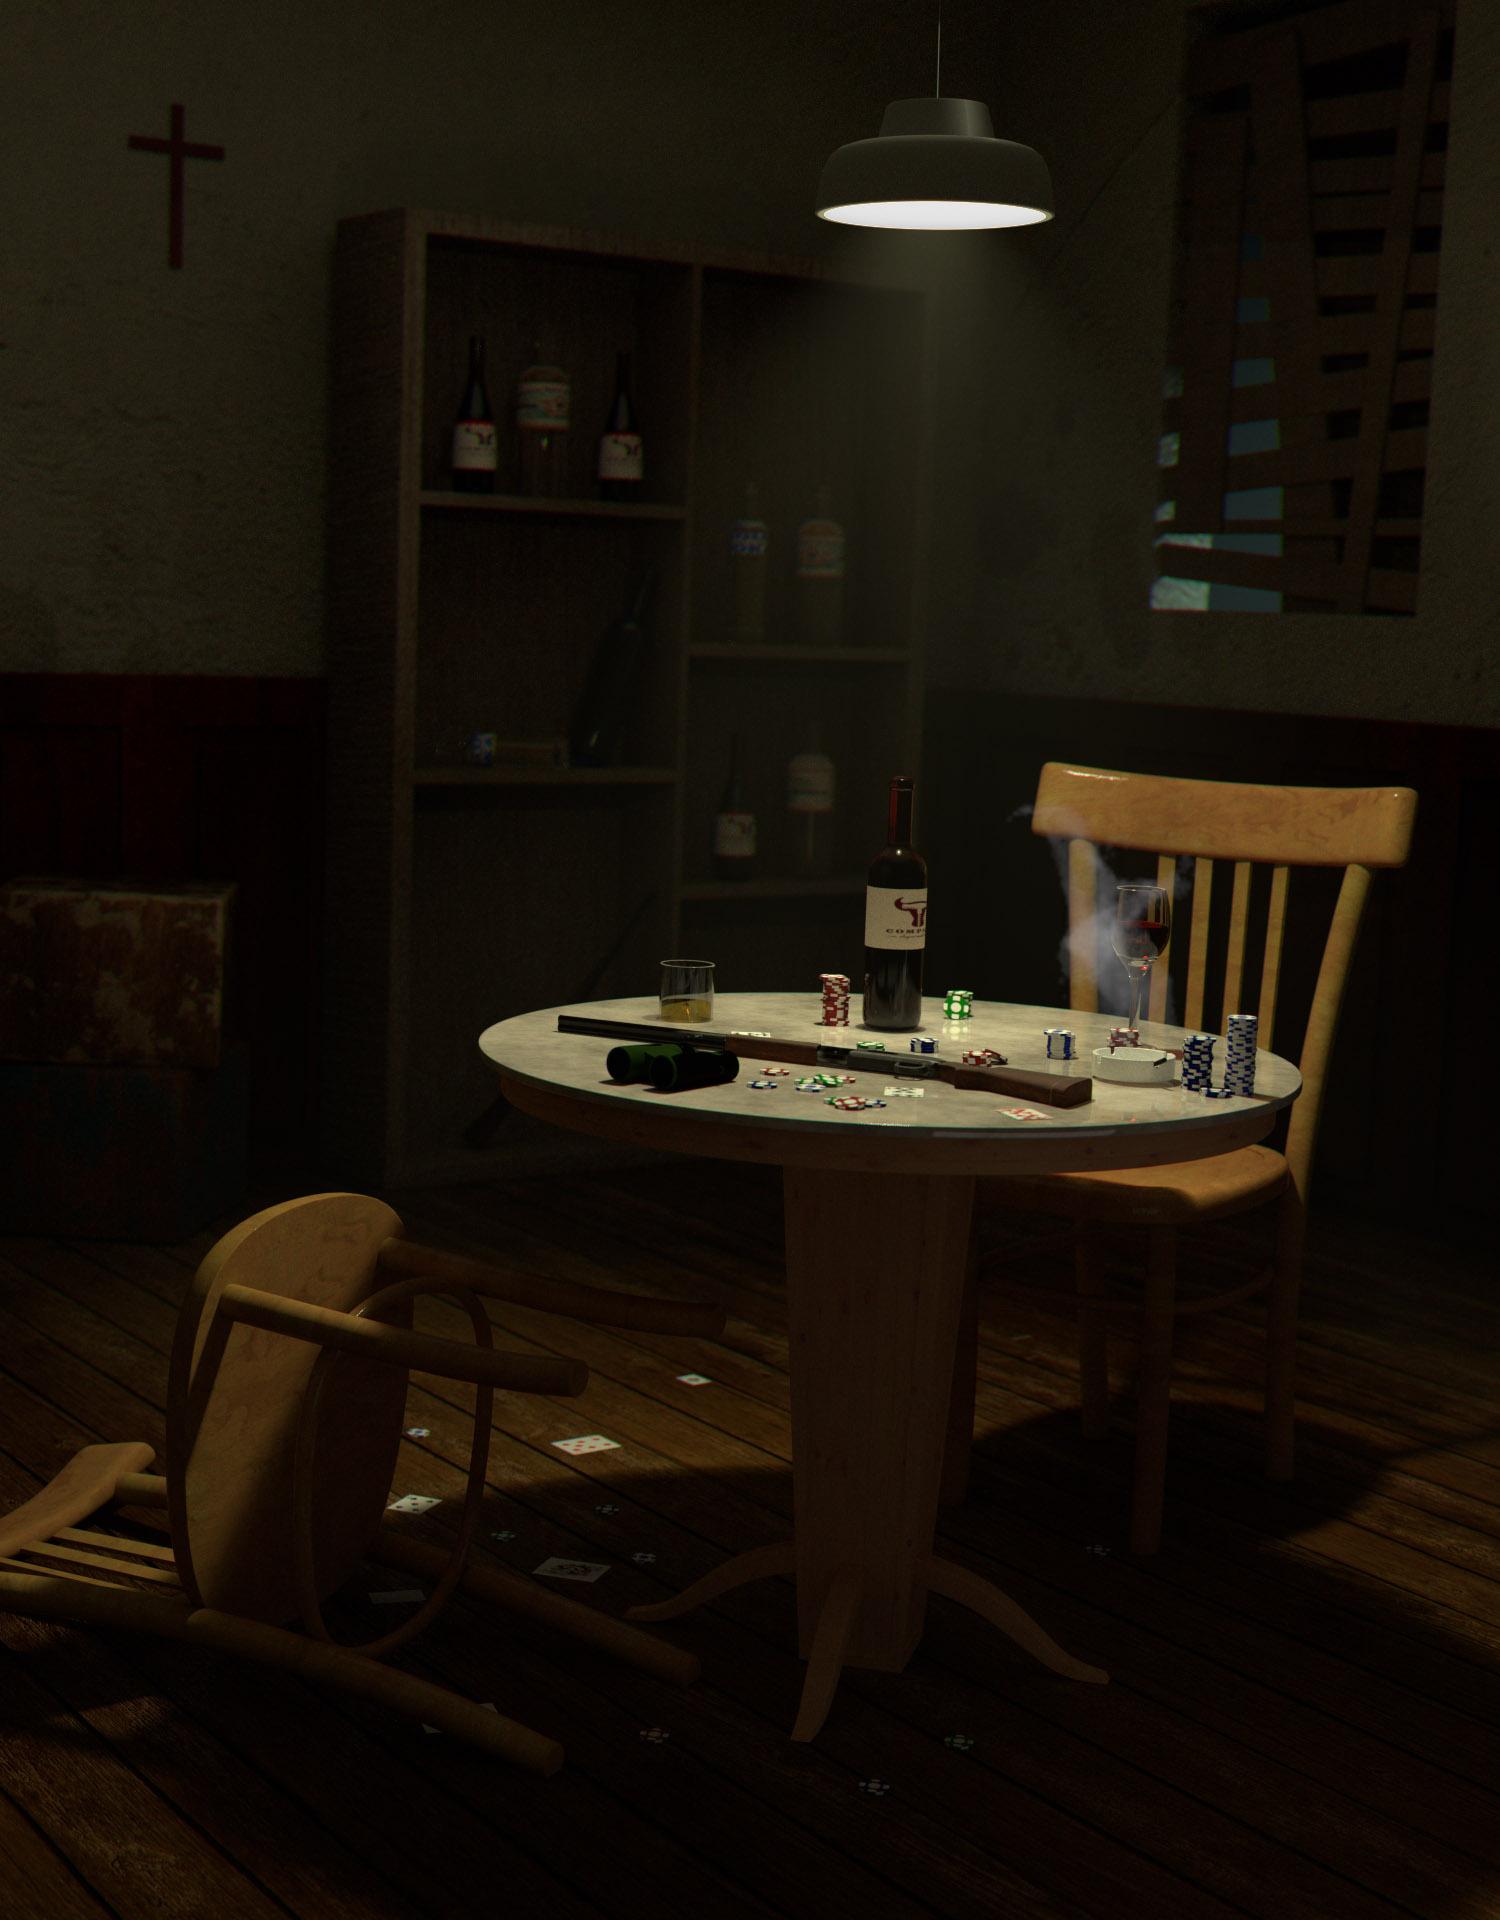 criminal's room